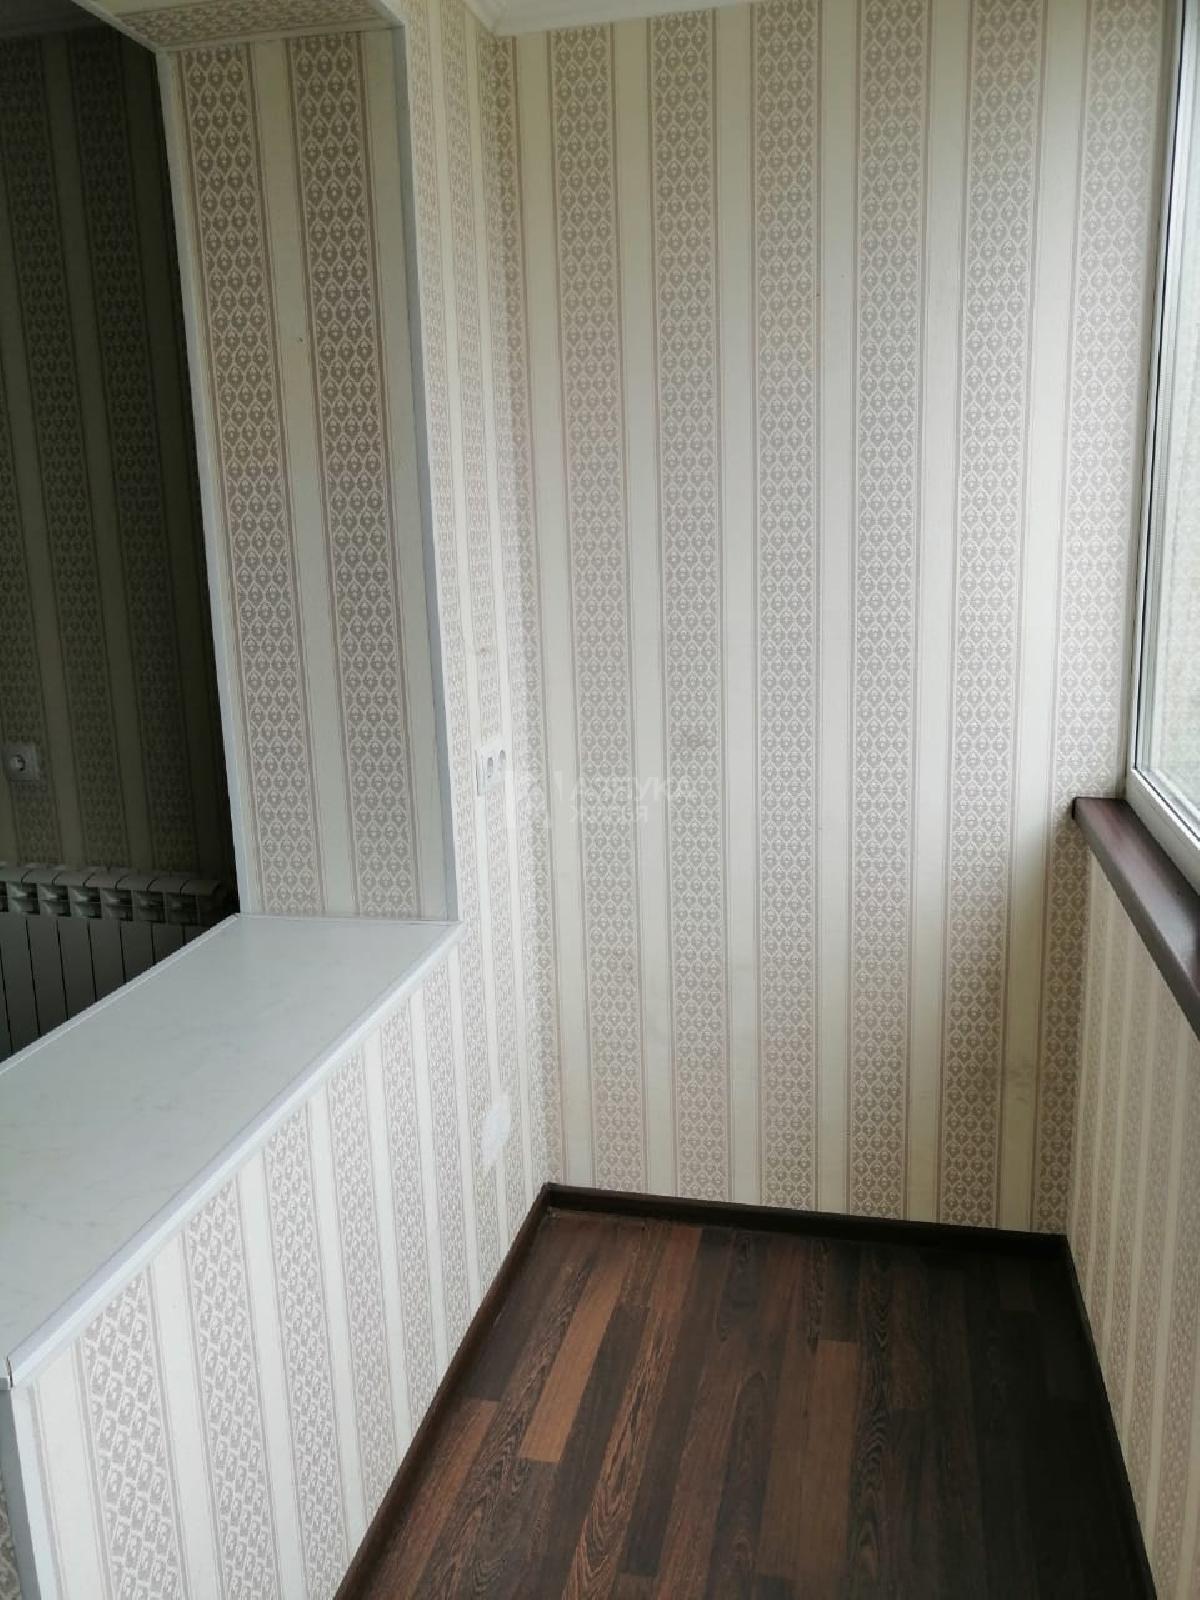 Фото №14 - 1-комнатная квартира, Балашиха, микрорайон Саввино, 1 Мая улица 11